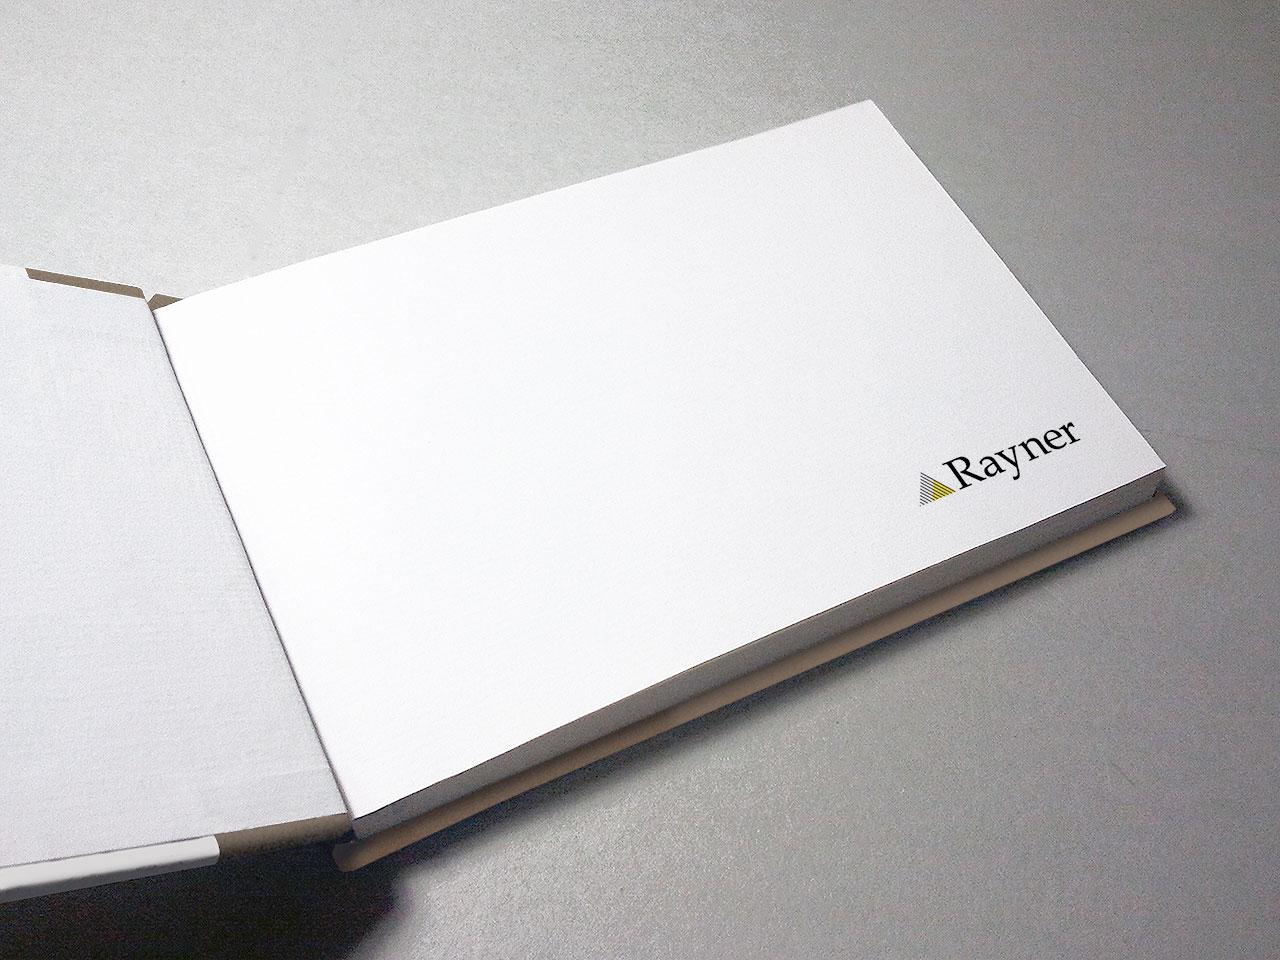 TAPIES-prueba-Rayner